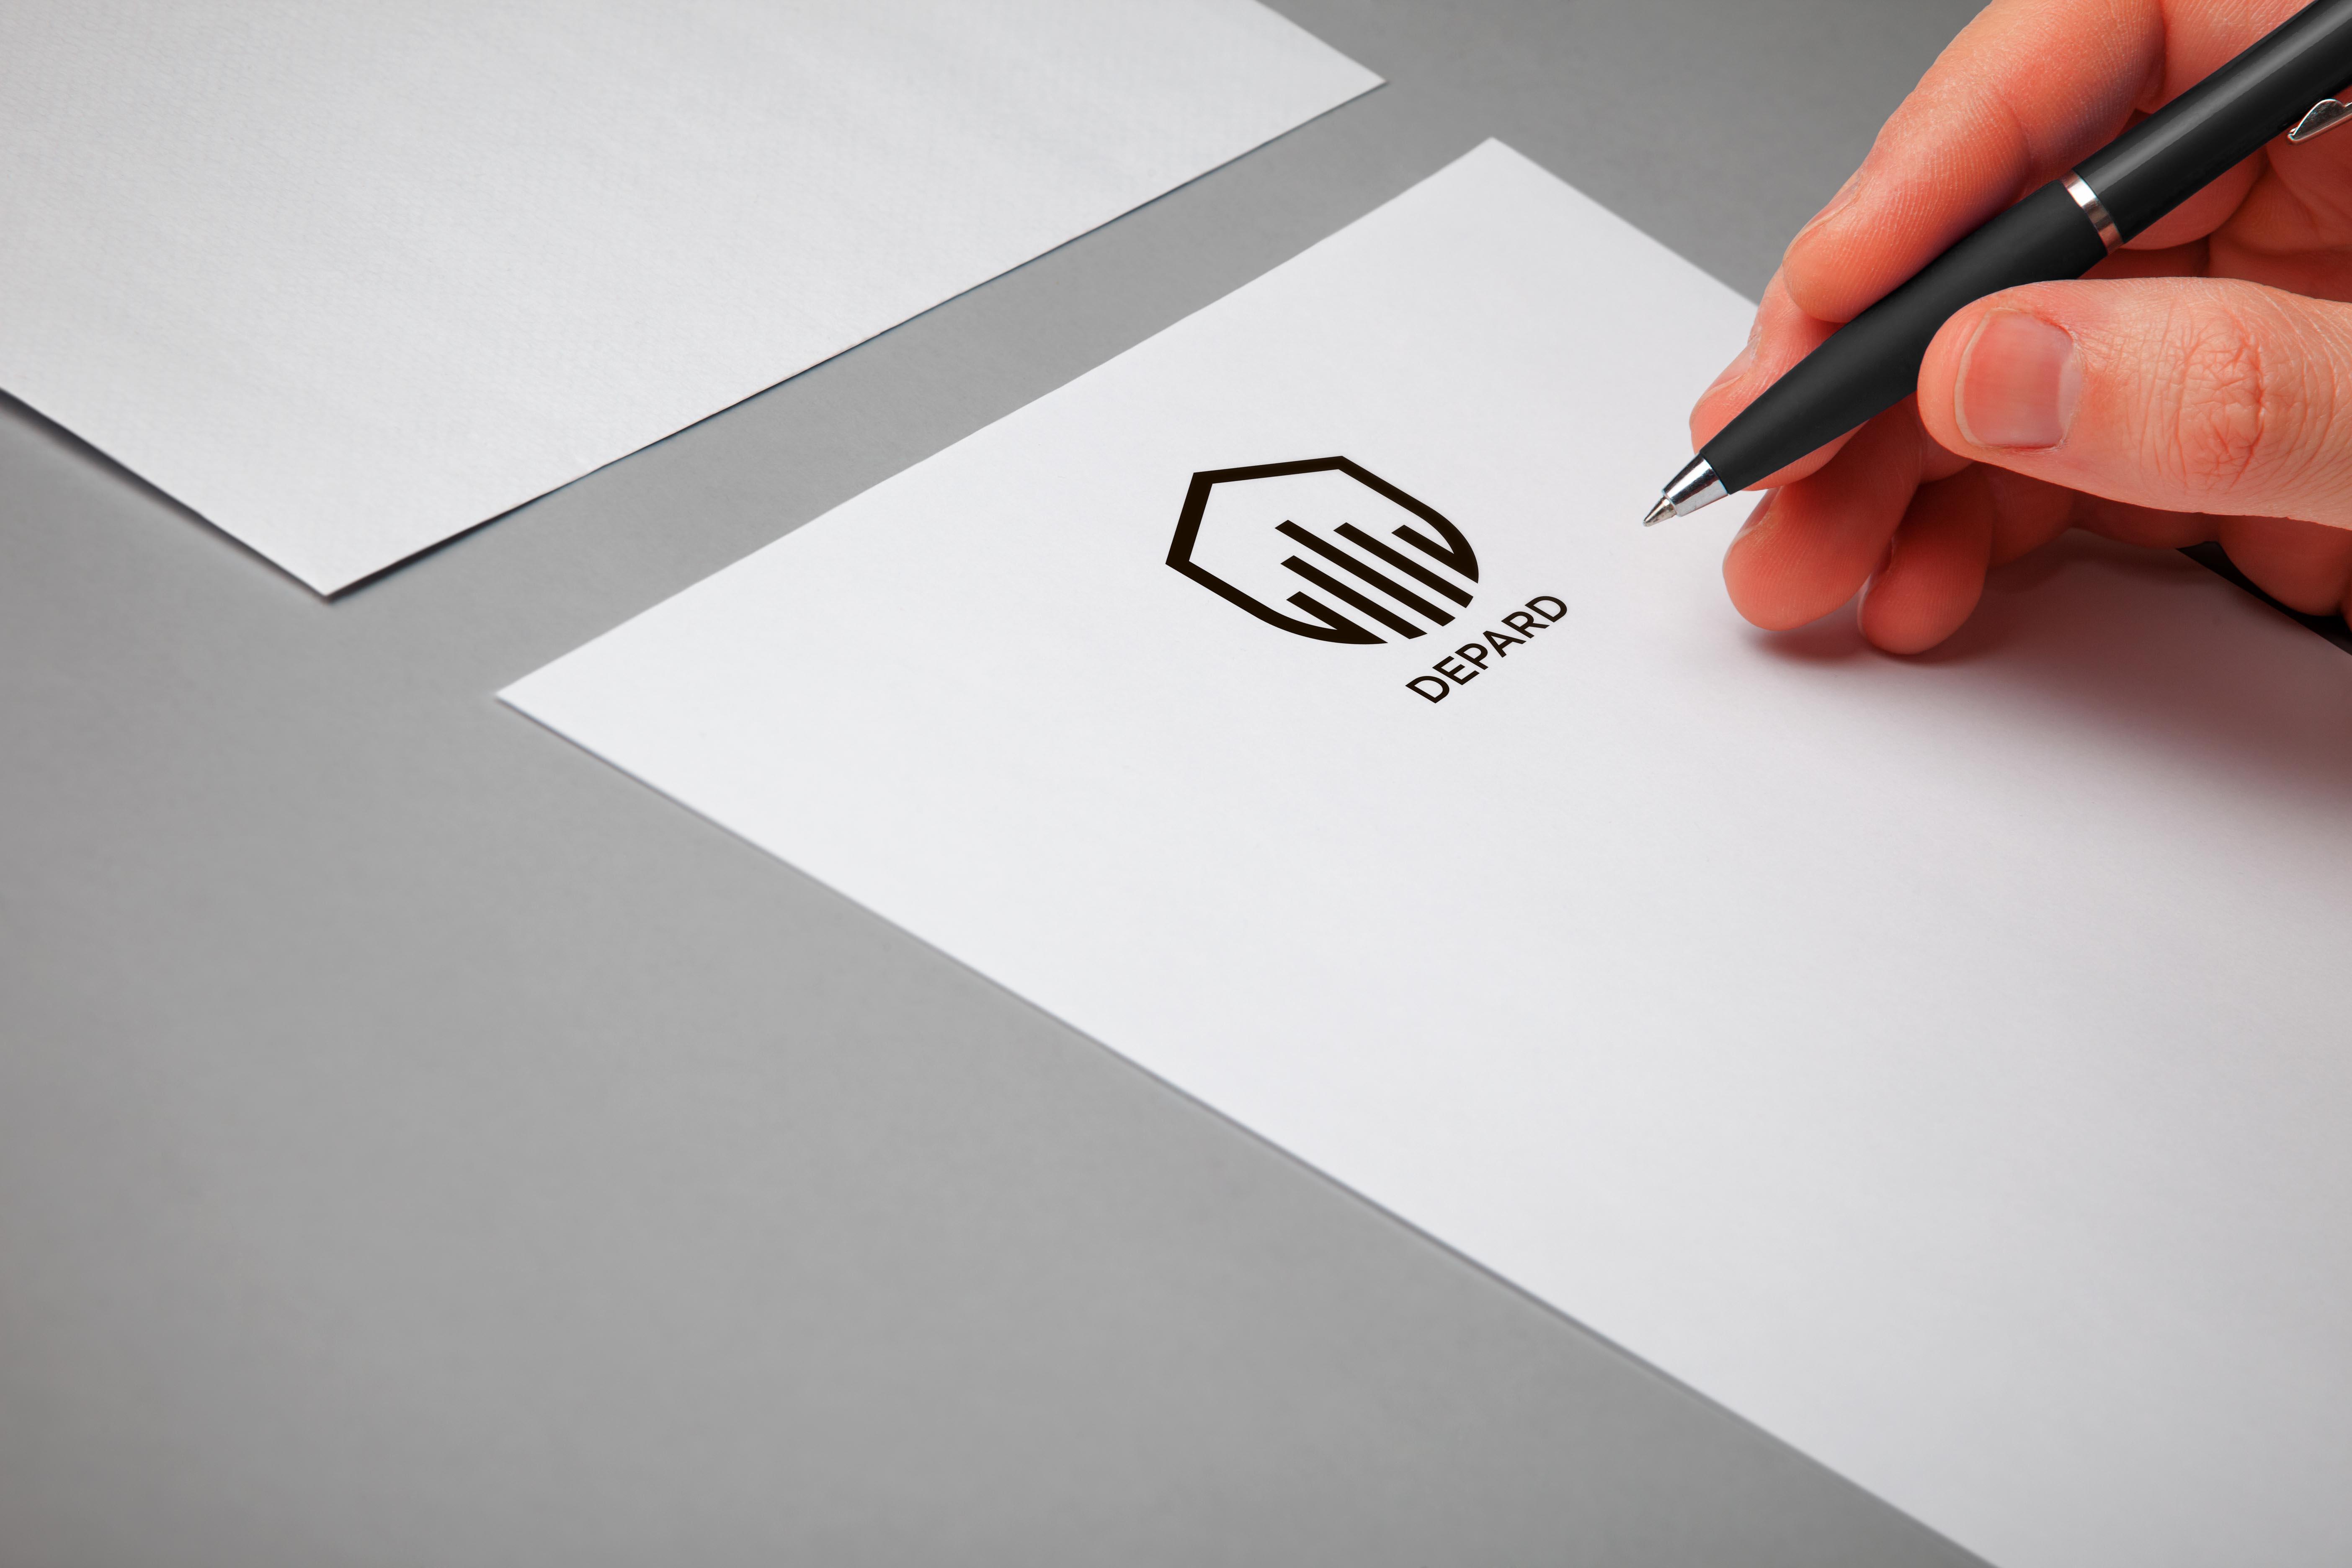 Логотип для компании (услуги недвижимость) фото f_658593561b6cbf12.jpg